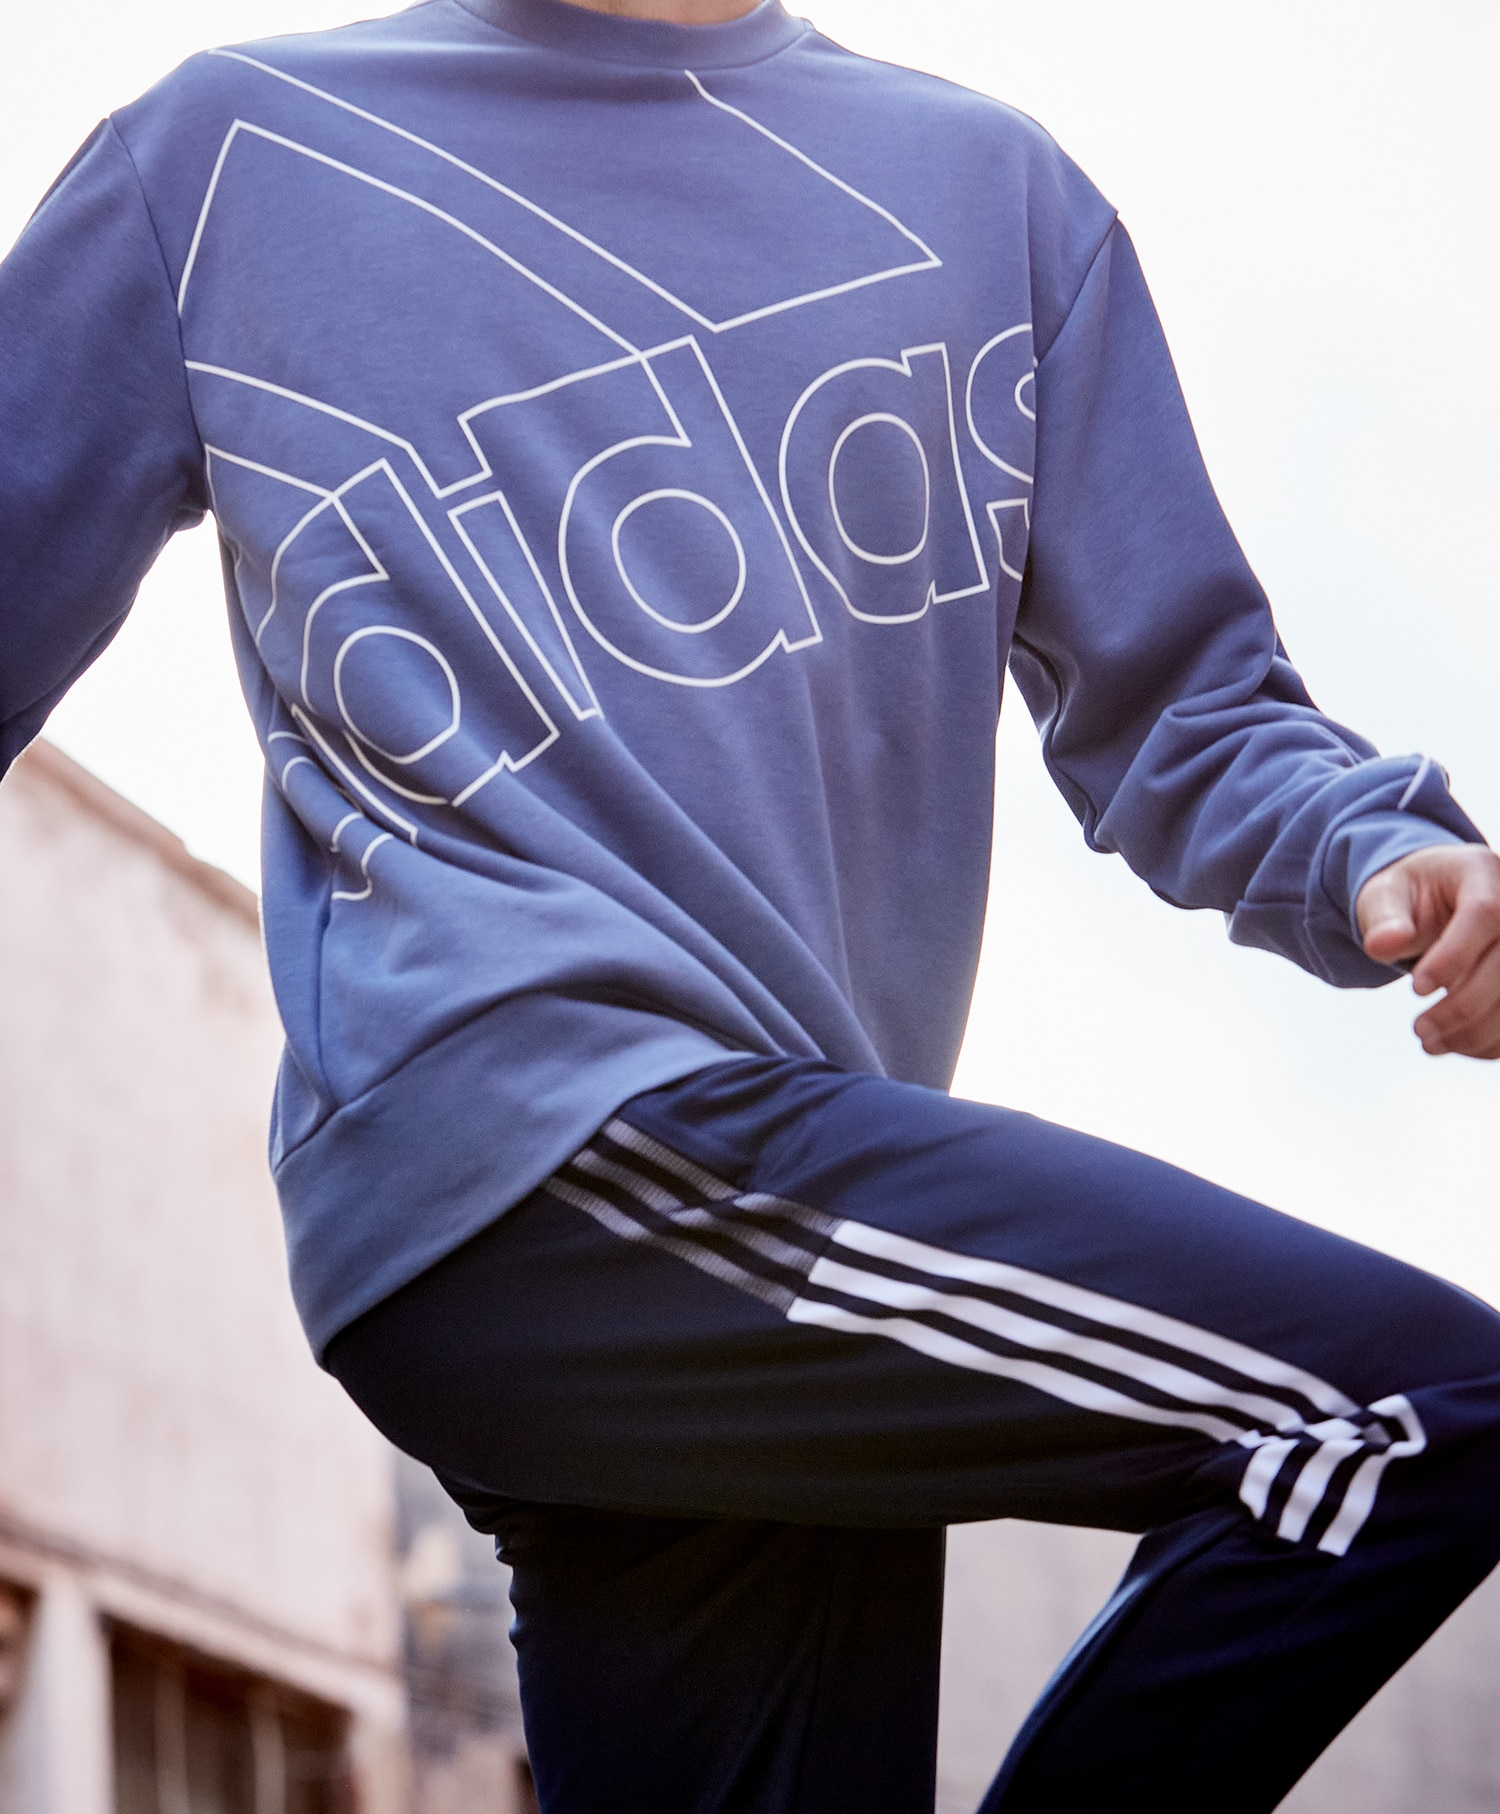 Adidas Tiro 21 bukse